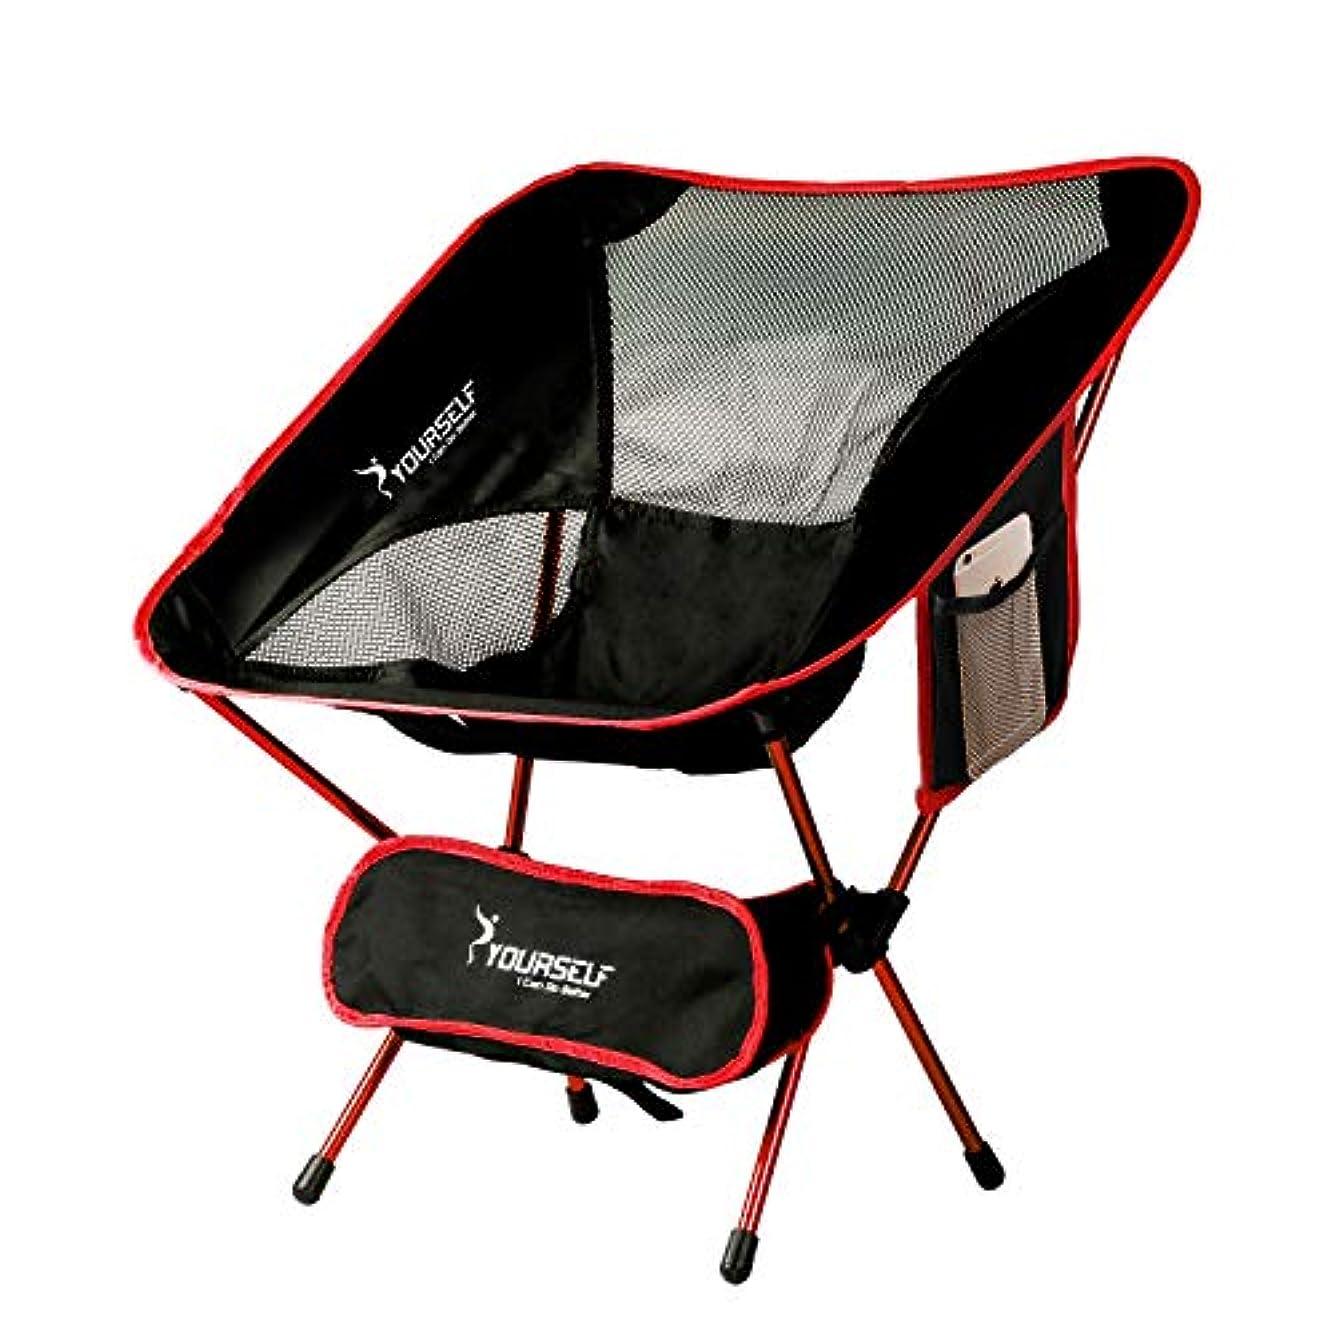 耐久製品アラブ人SYOURSELF アウトドアチェア 折りたたみ椅子-コンパクト、軽くて丈夫、超軽量 、 背もたれ付き 、持ち運びに便利な 、アルミ合金製 耐荷重150kg レジャーチェア - ツーリング キャンプ 登山 釣り バイク ハンモック トレッキング+収納バッグ付